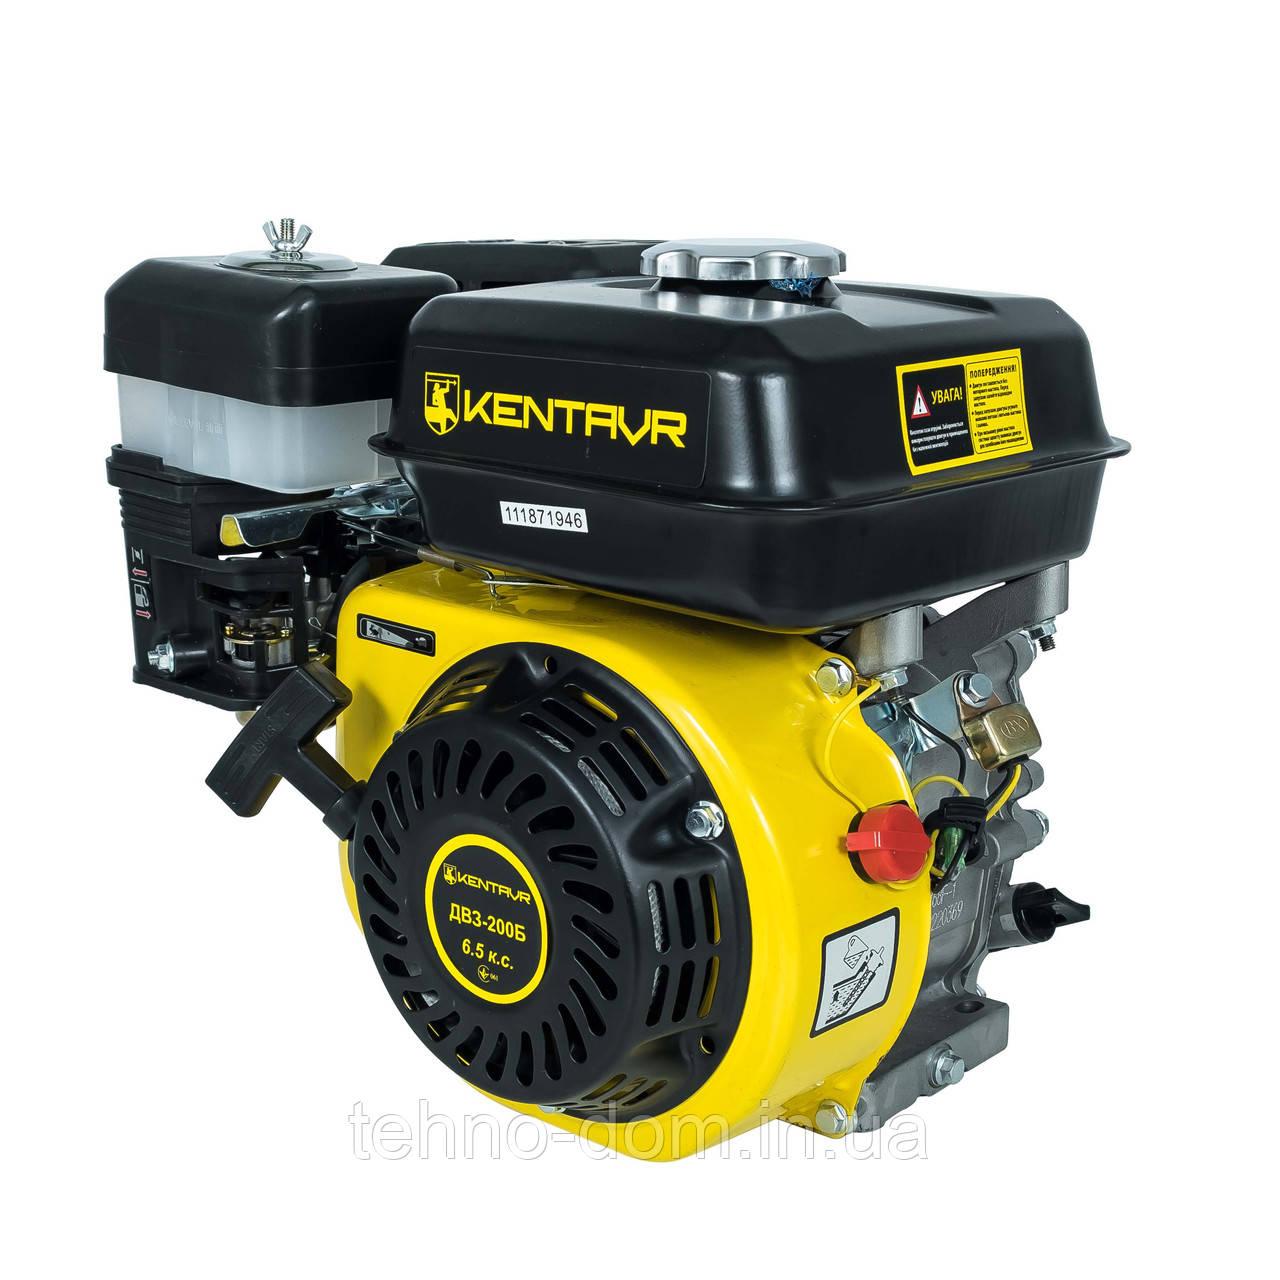 Двигатель бензиновый  Кентавр ДВЗ-200Б (6,5 л.с.), фото 1